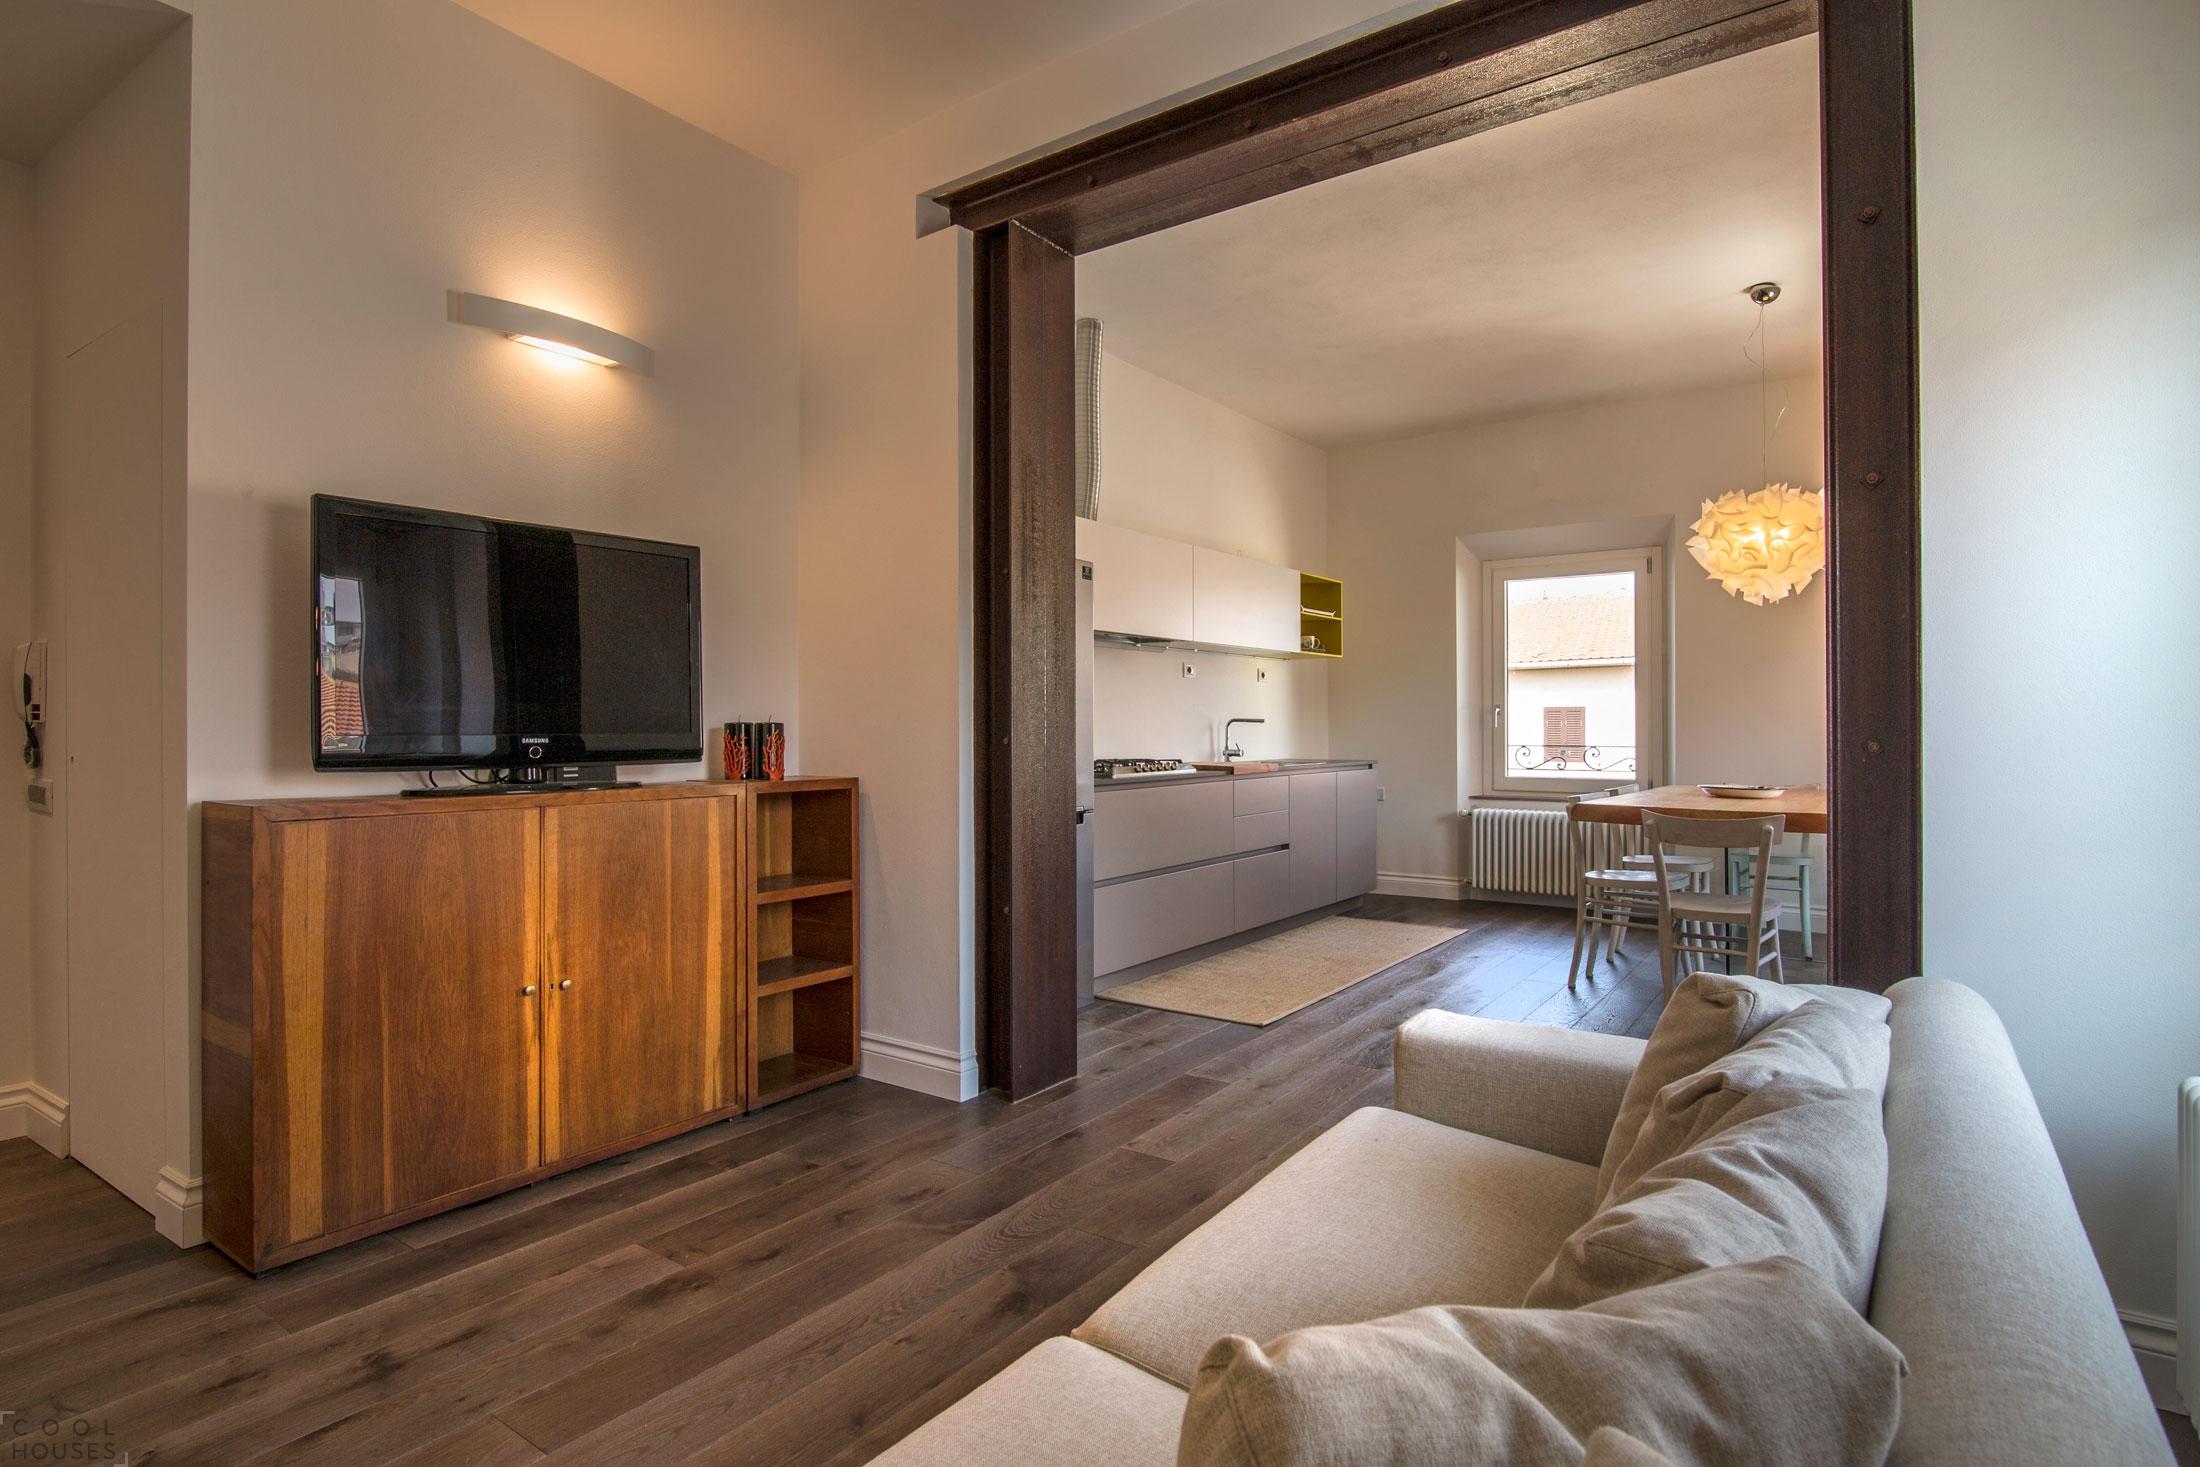 Современная квартира с элегантным интерьером на побережье Тирренского моря, Италия